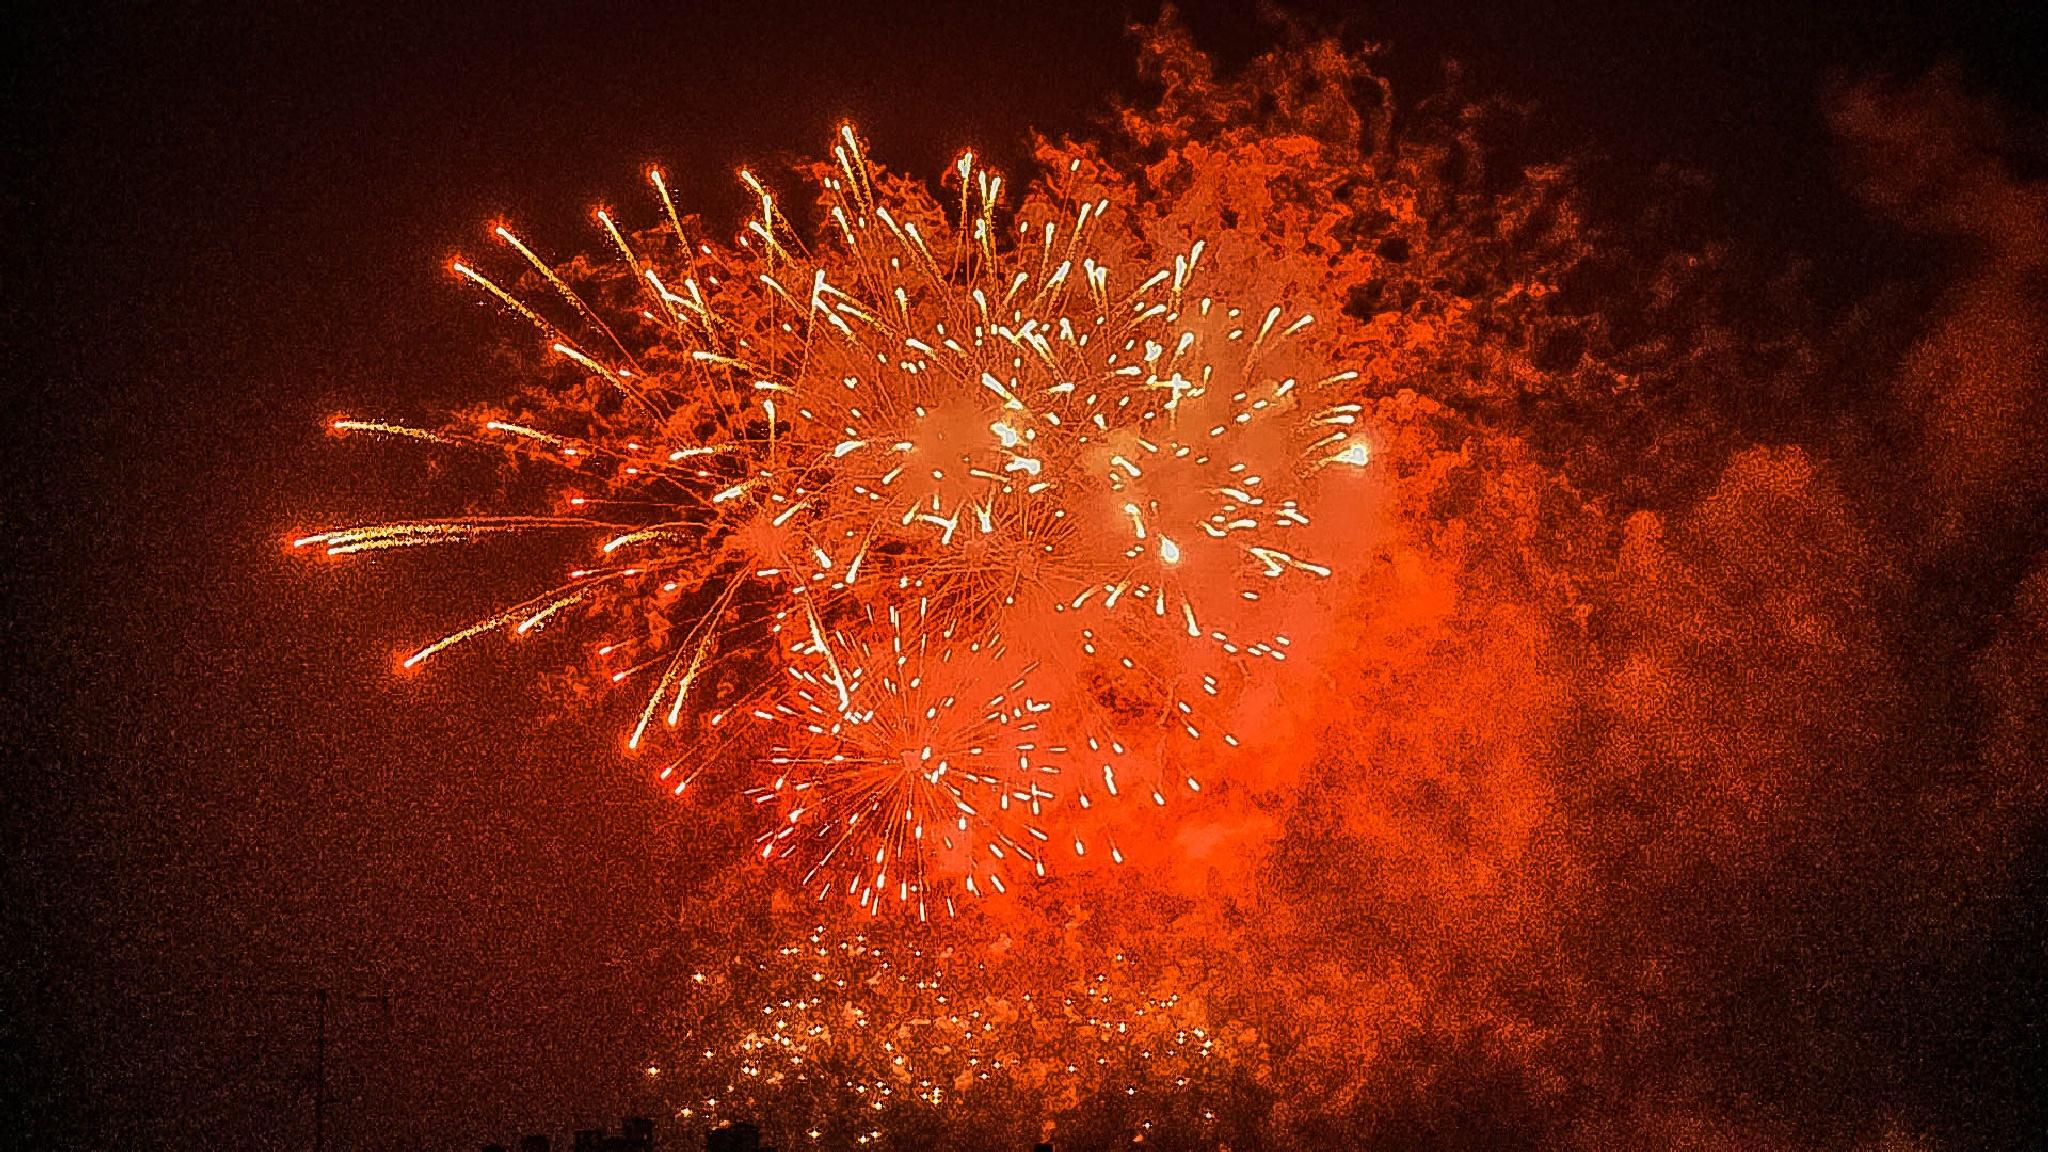 Fireworks 2 by djaffar adane